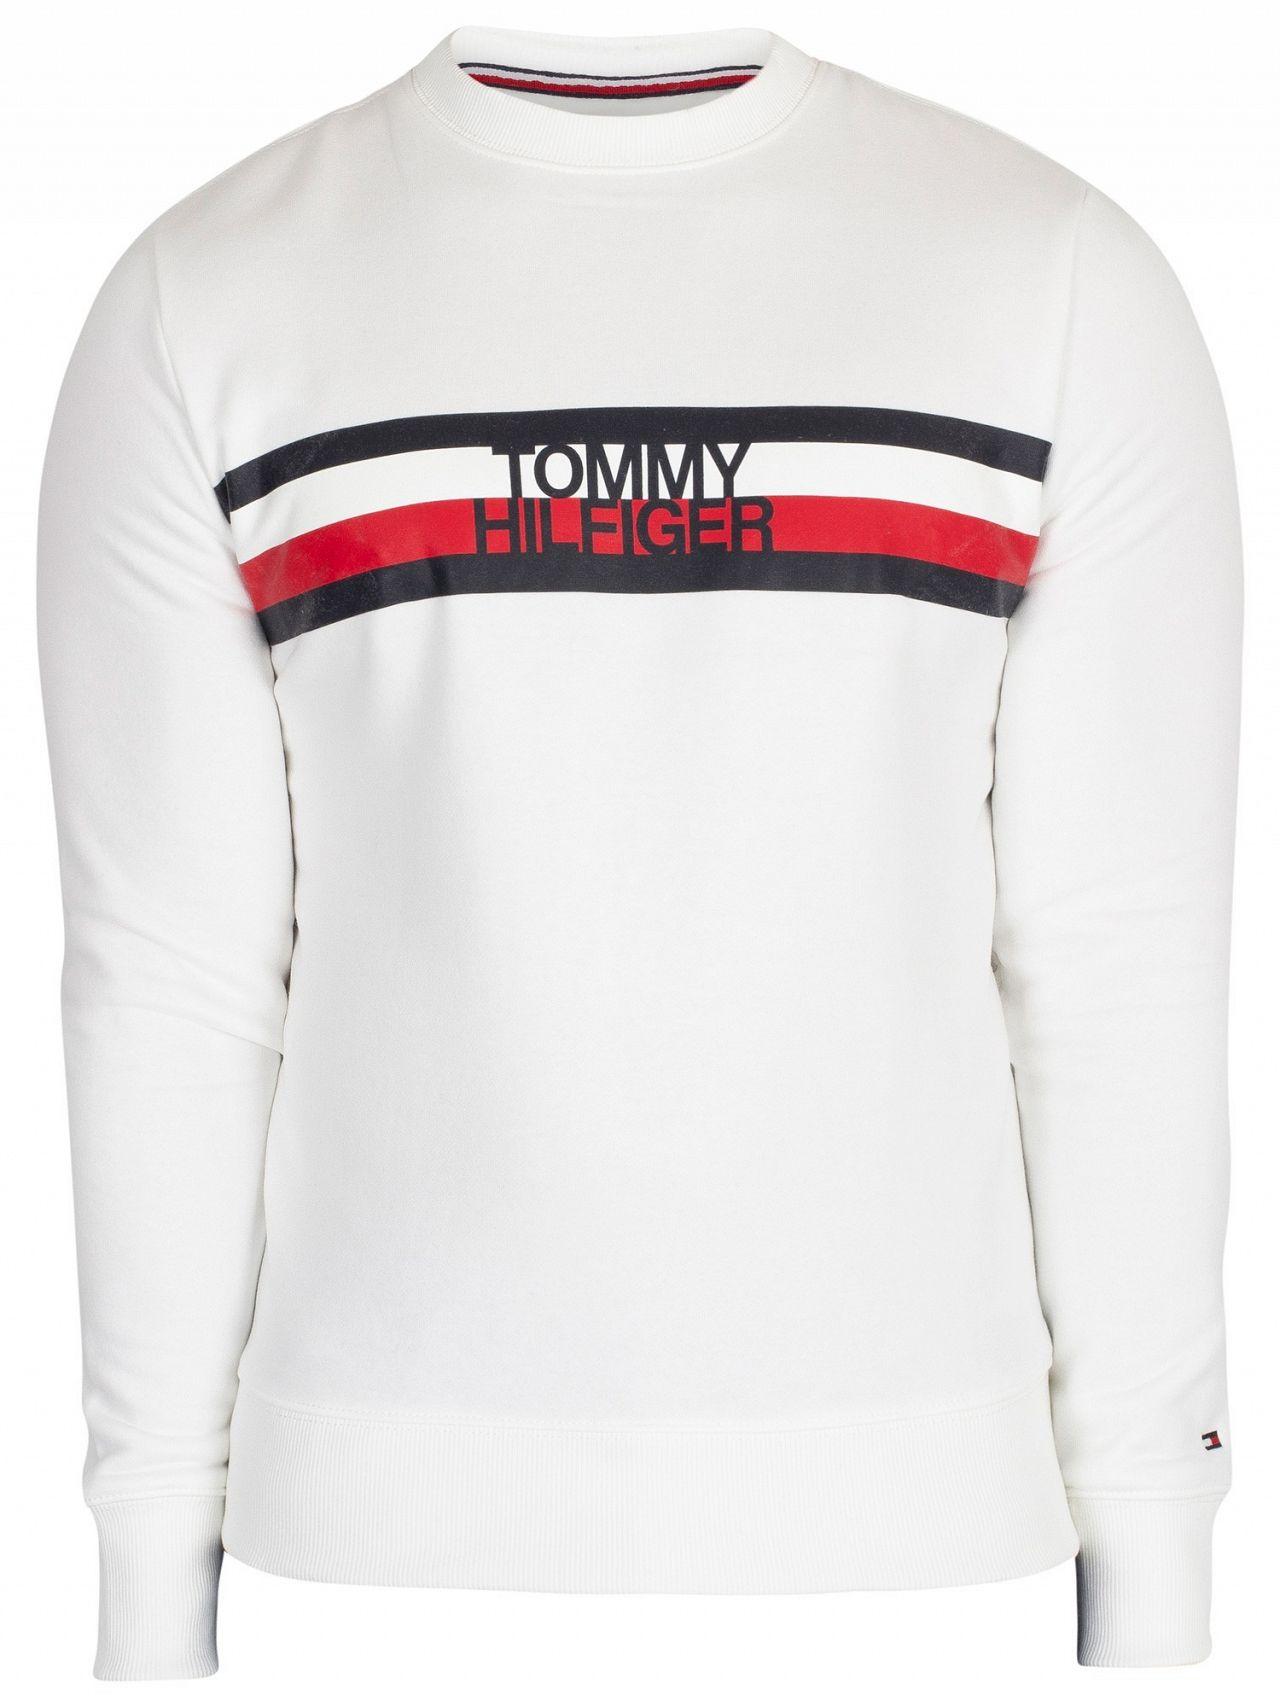 45ec115d Tommy Hilfiger Bright White Logo Sweatshirt | Standout